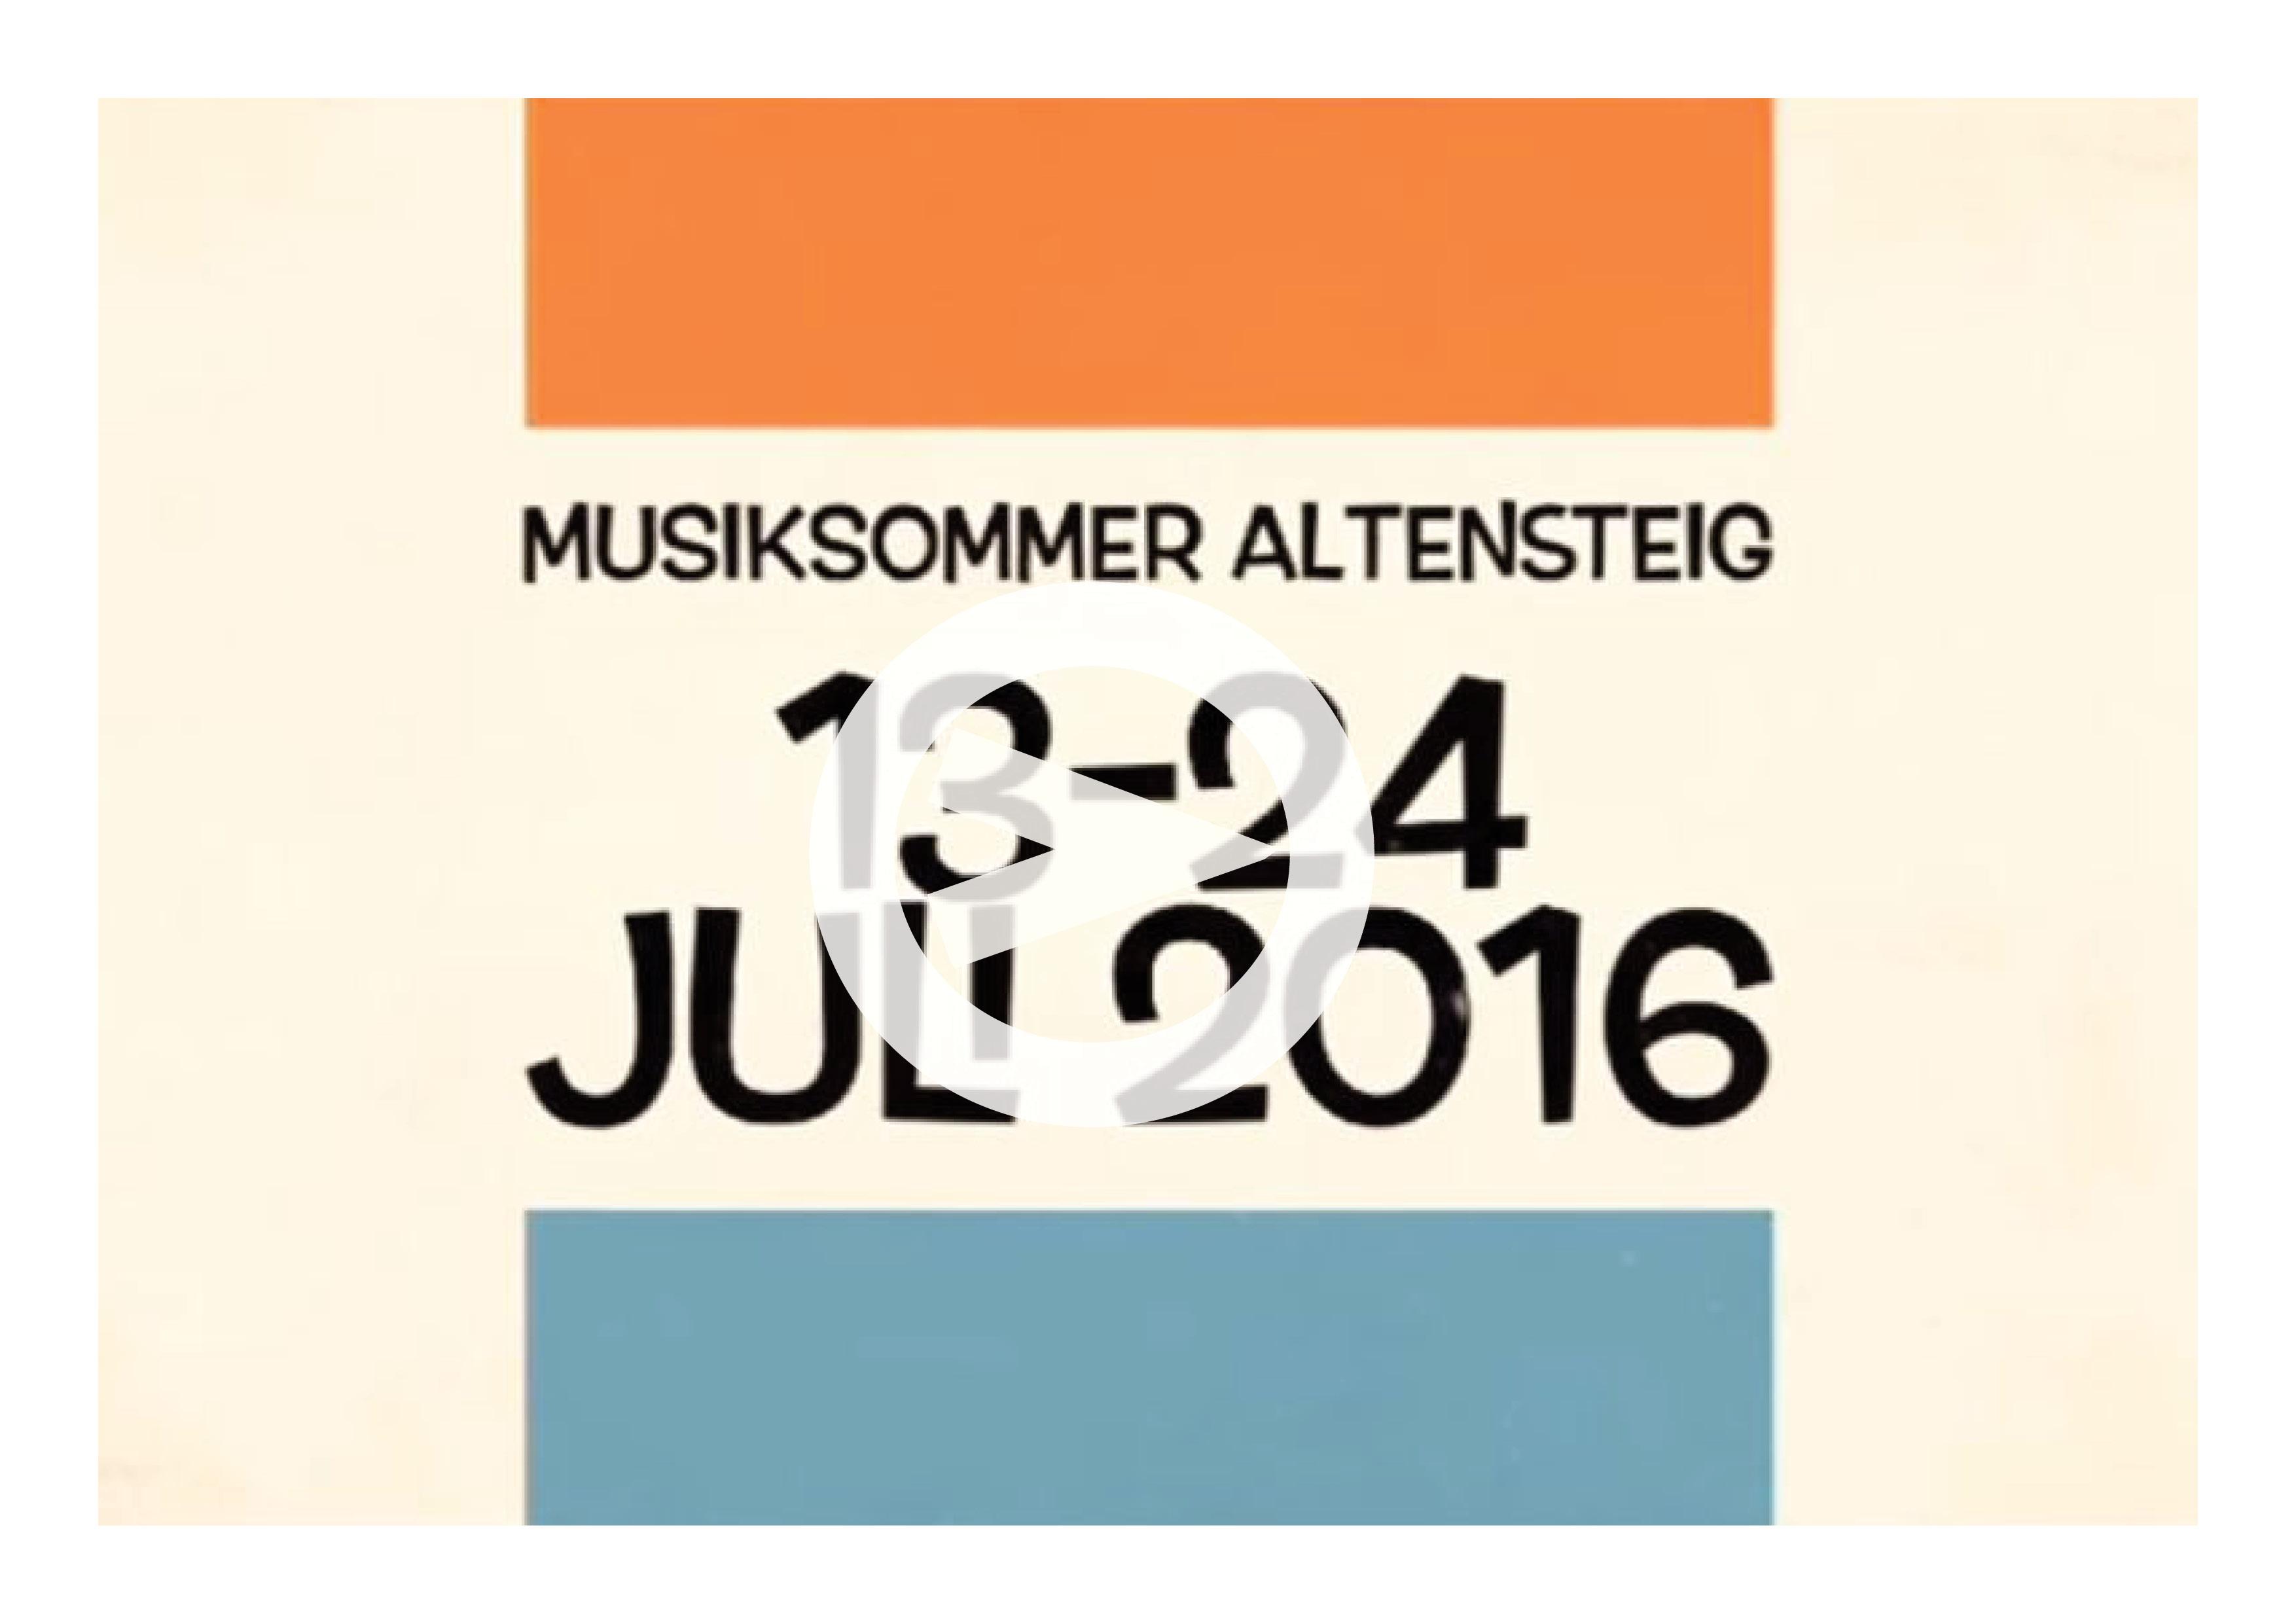 Musiksommer Altensteig 2016